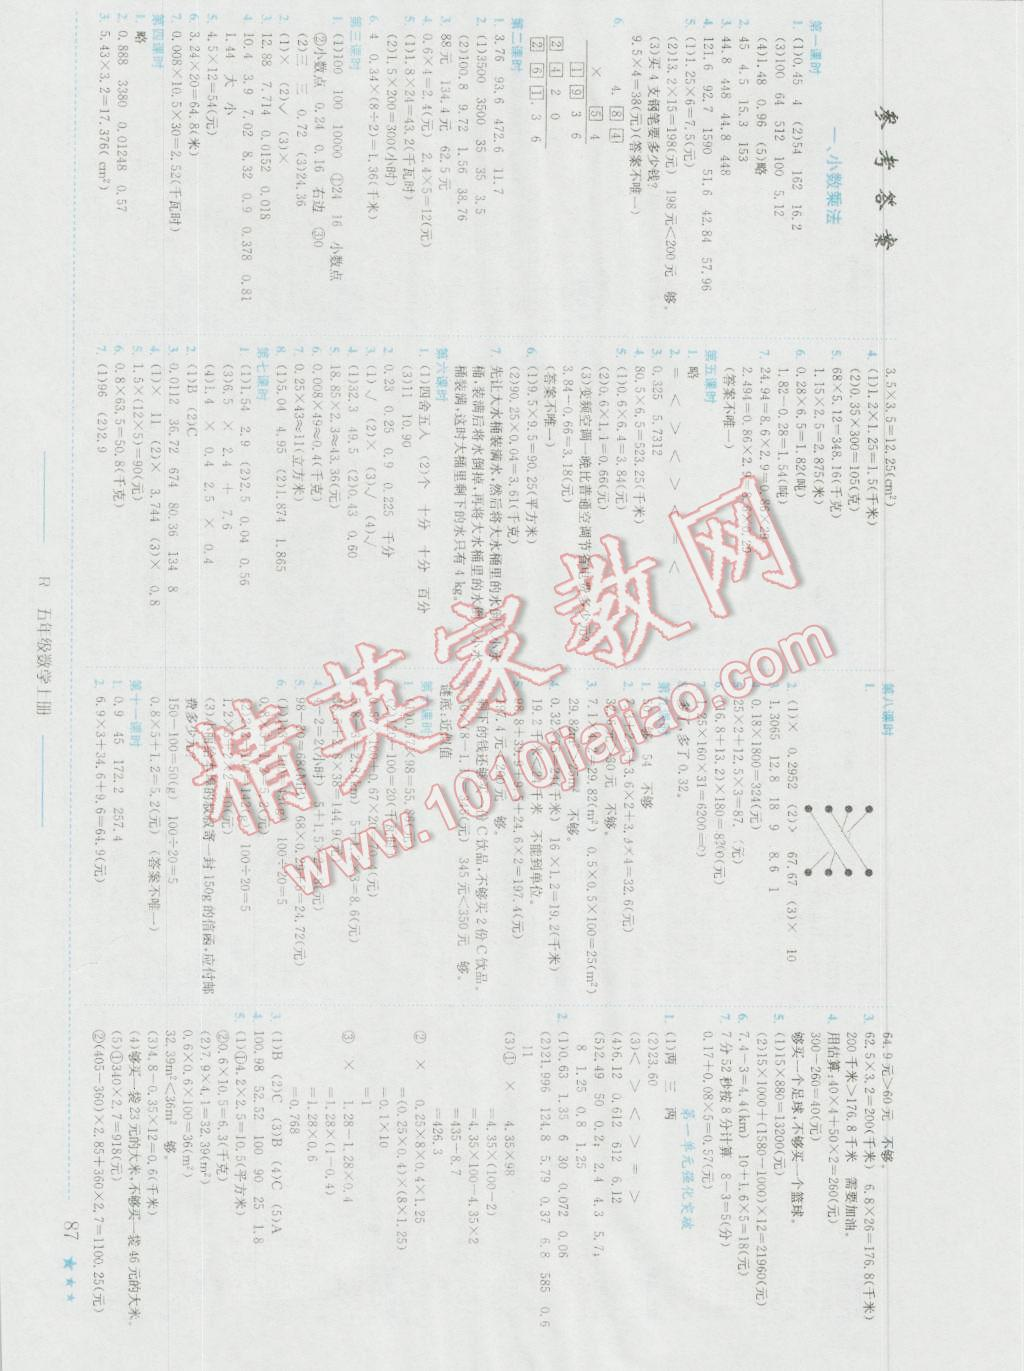 2016年黄冈小状元作业本五年级数学上册人教版第1页